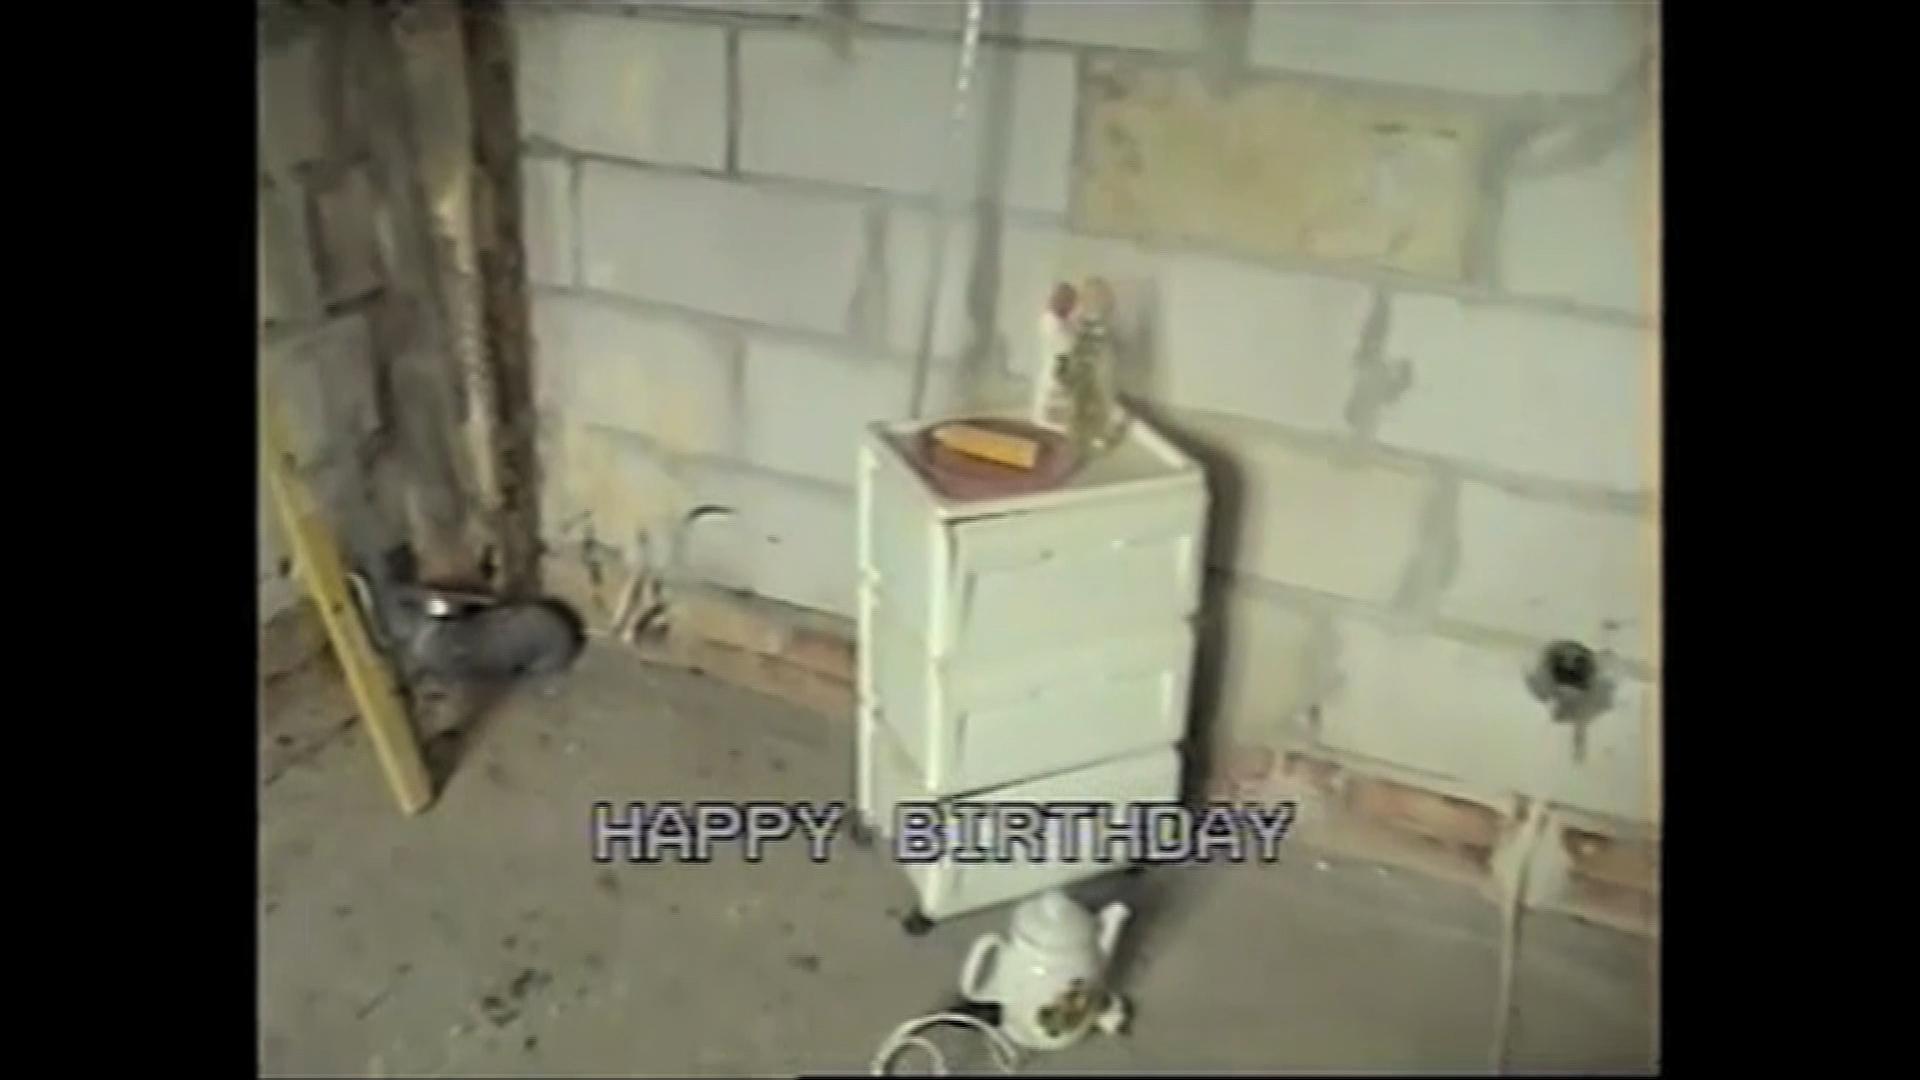 Mikołaj Tkacz, Happy Birthday, kadr zfilmu